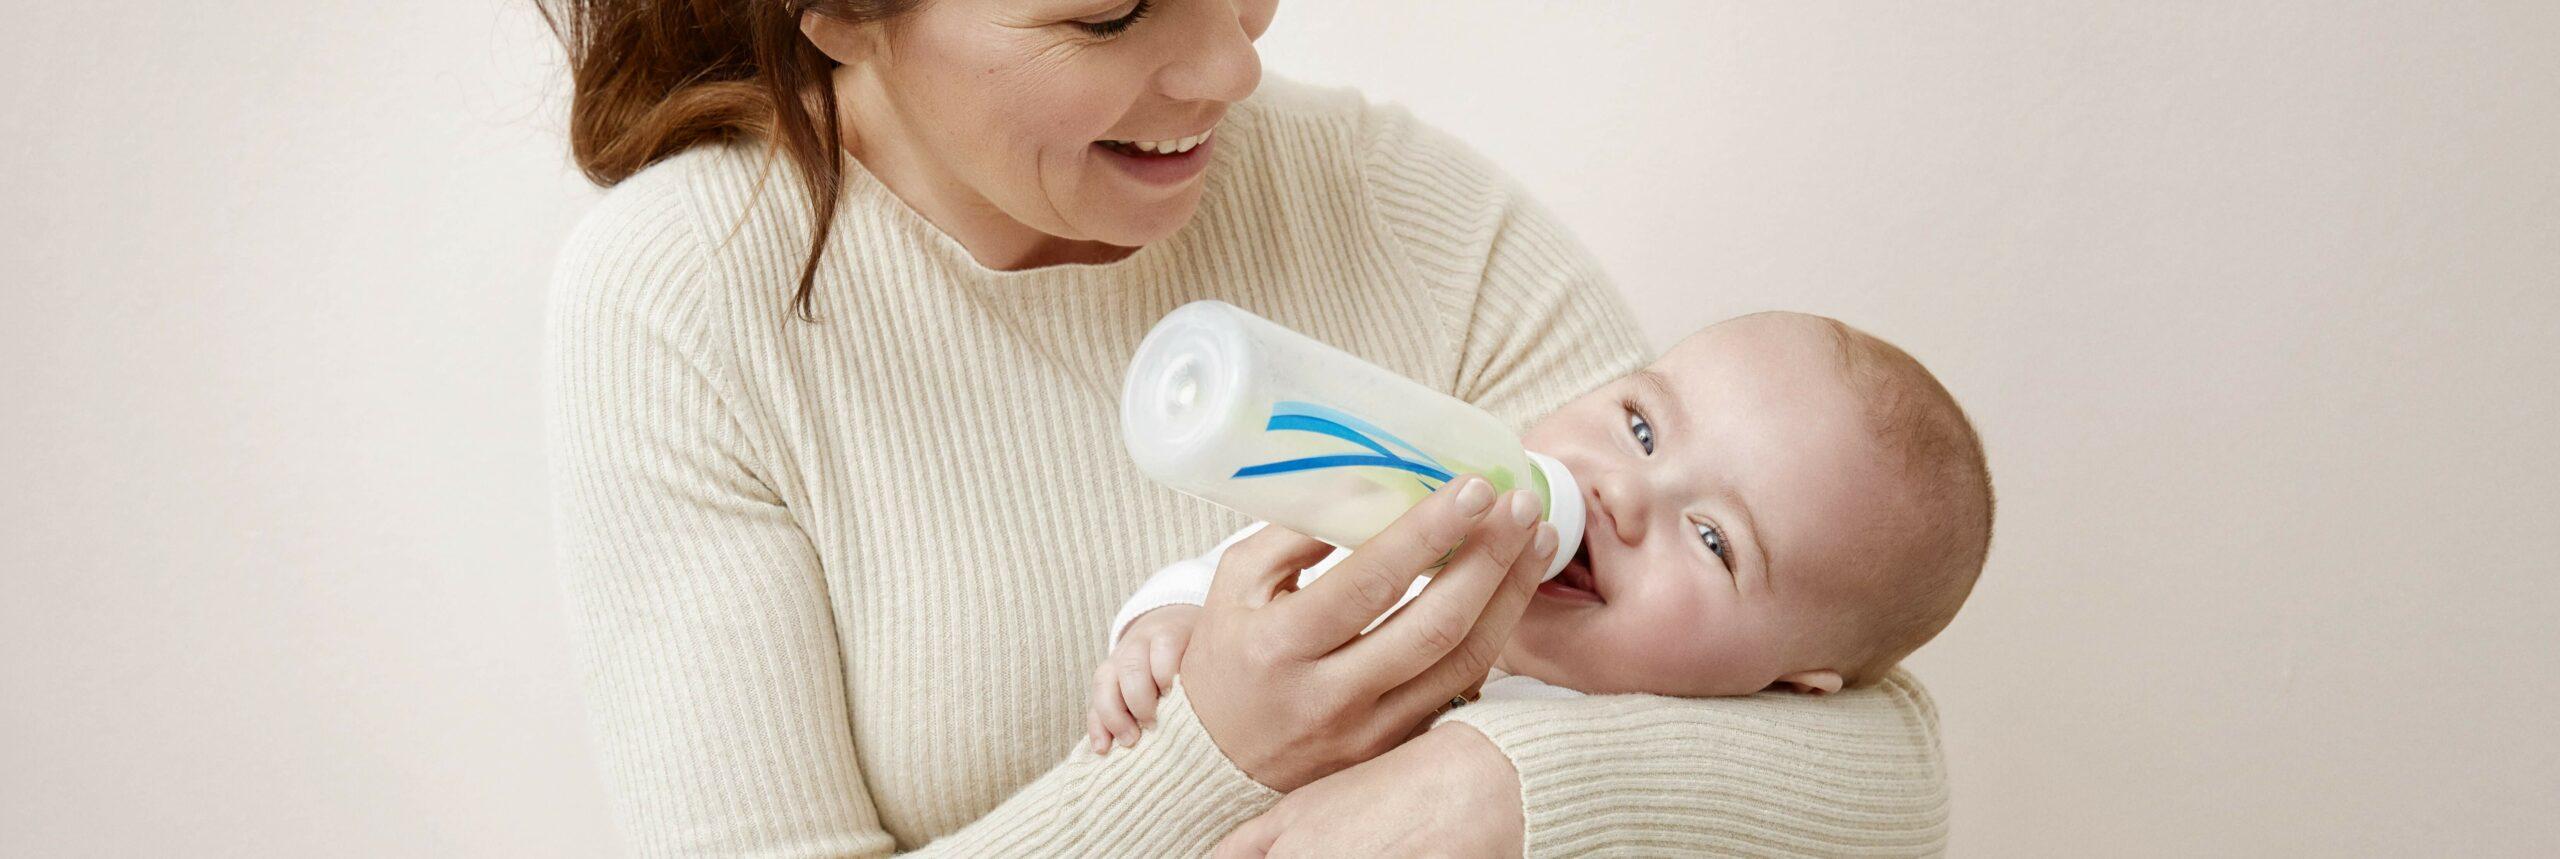 Vrouw die baby fles geeft